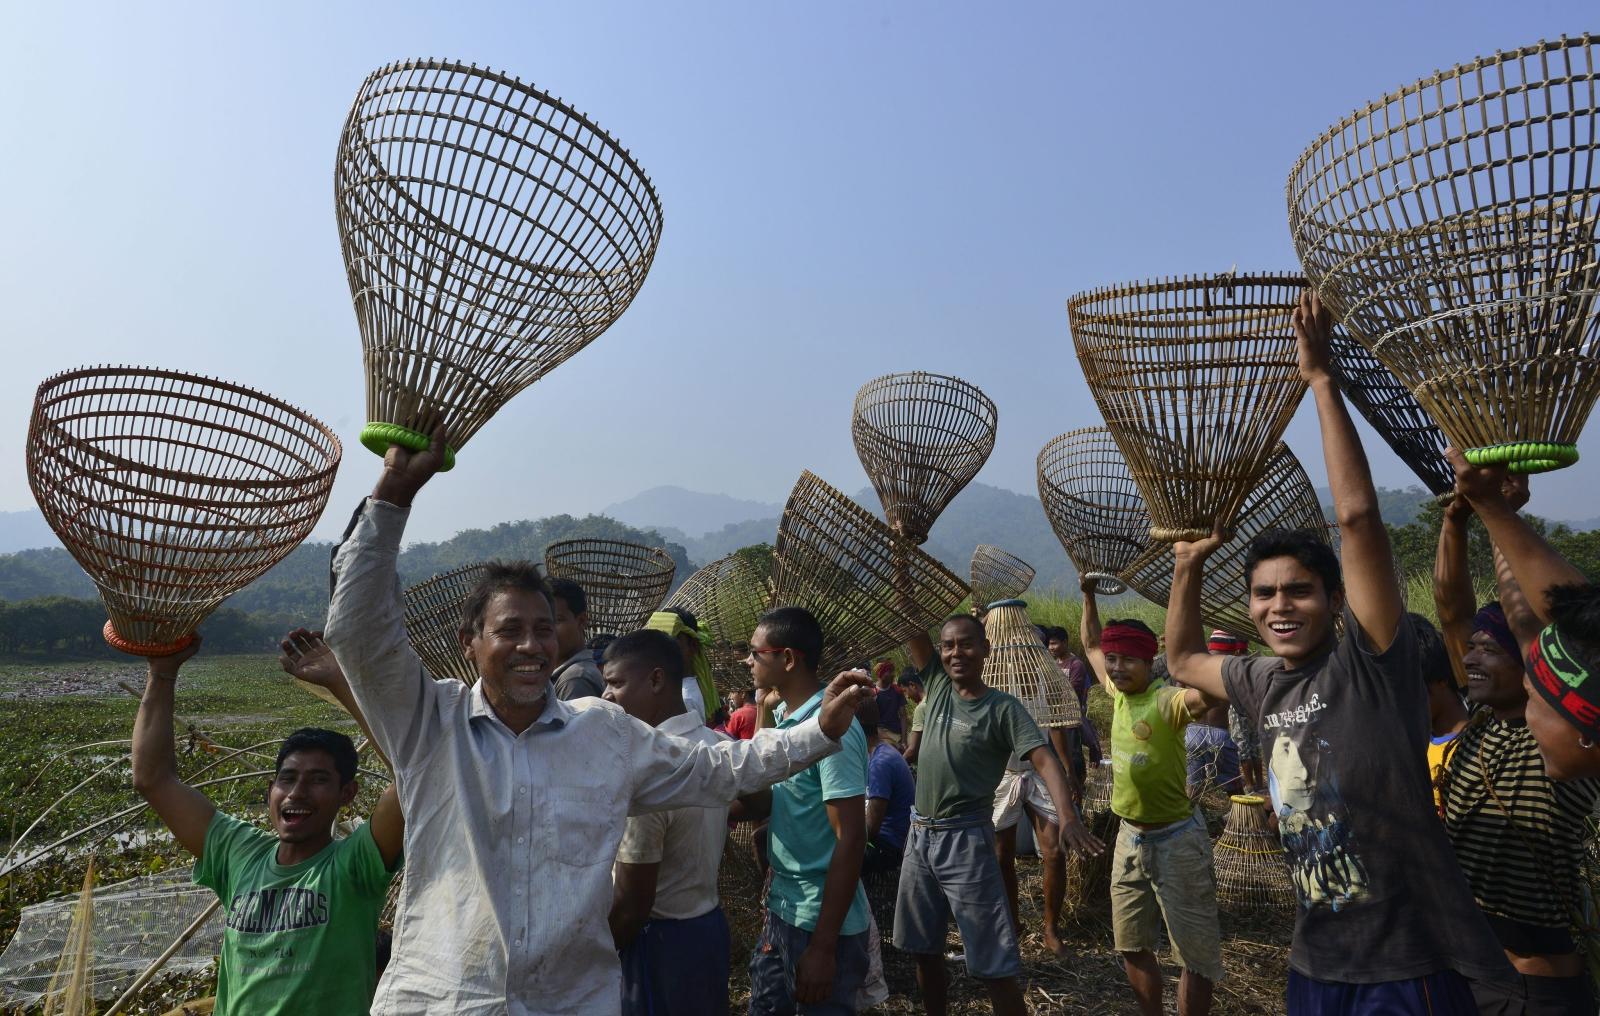 Indie: coroczny festiwal Magh Bihu, podczas którego wieśniacy tańczą z koszami na ryby i wychodzą na wspólne łowienie. Fot. PAP/EPA/STR